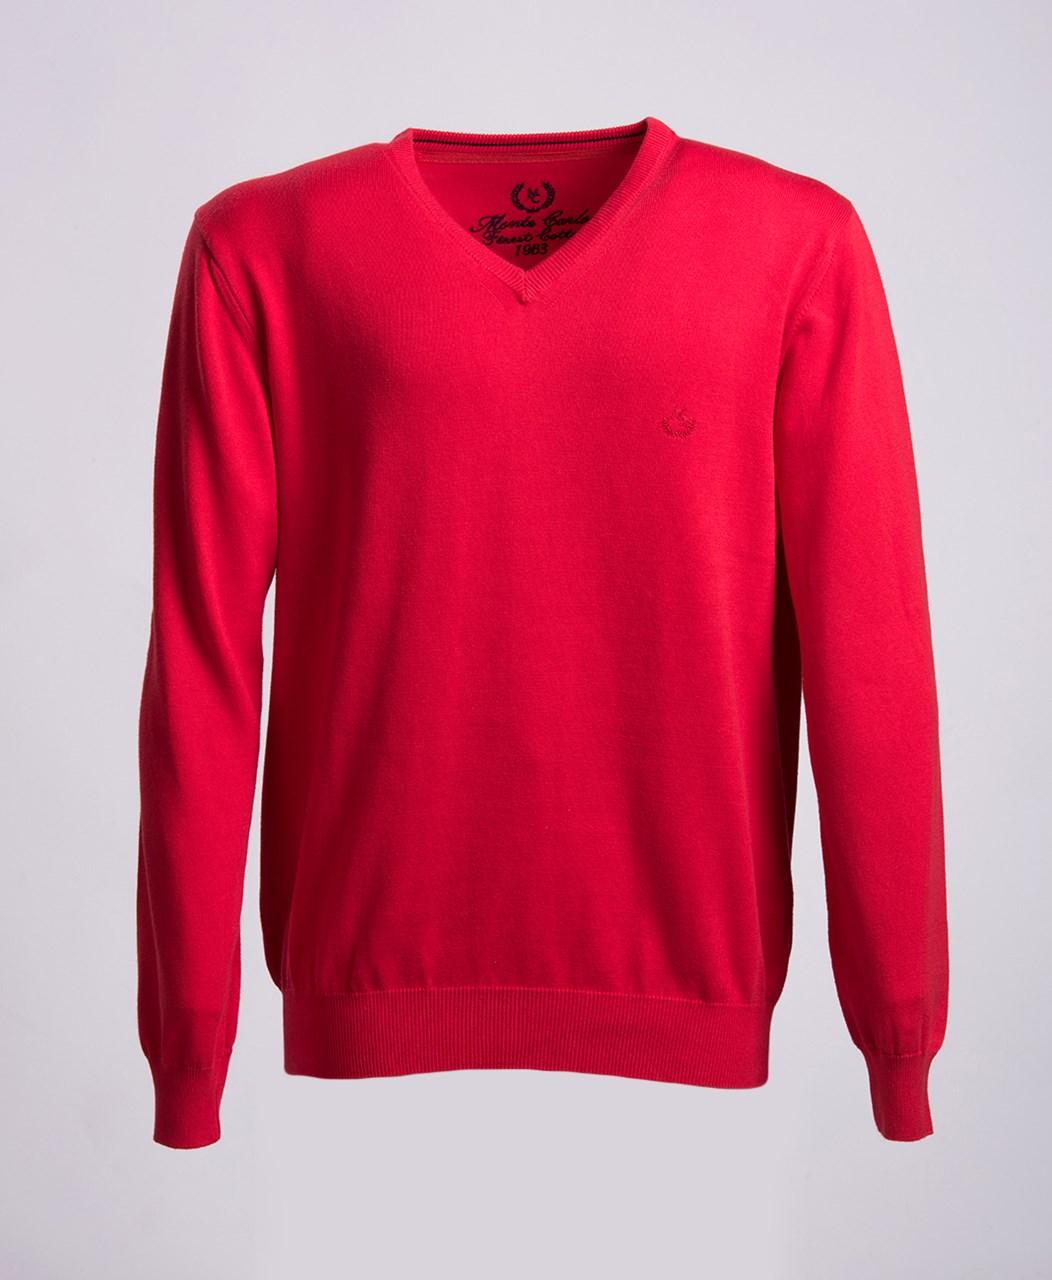 48837b1a7b9 Obrázek Červený bavlněný svetr s výstřihem do V Mode Monte Carlo ...